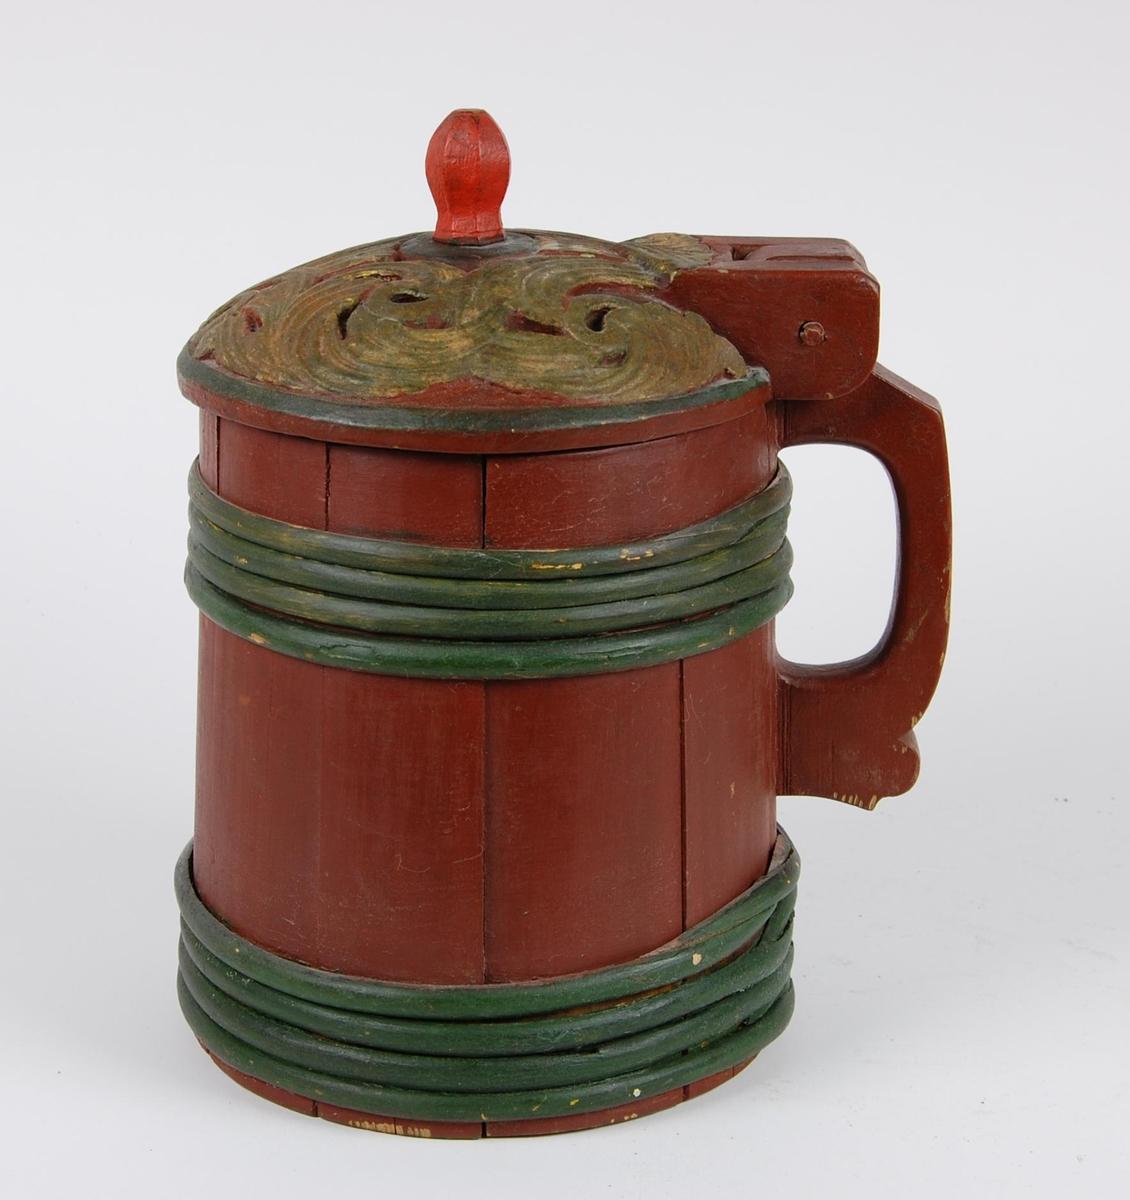 Kanne av furustaver. Lokk med dype akantusutskjæringer, grønnmalt ring langs kanten. Kuleformet rødmalt lokkgrep. Rødmalt hank som er utskåret av en stav. Korpus rødmalt, fire grønnmalte gjorder opp og nede.